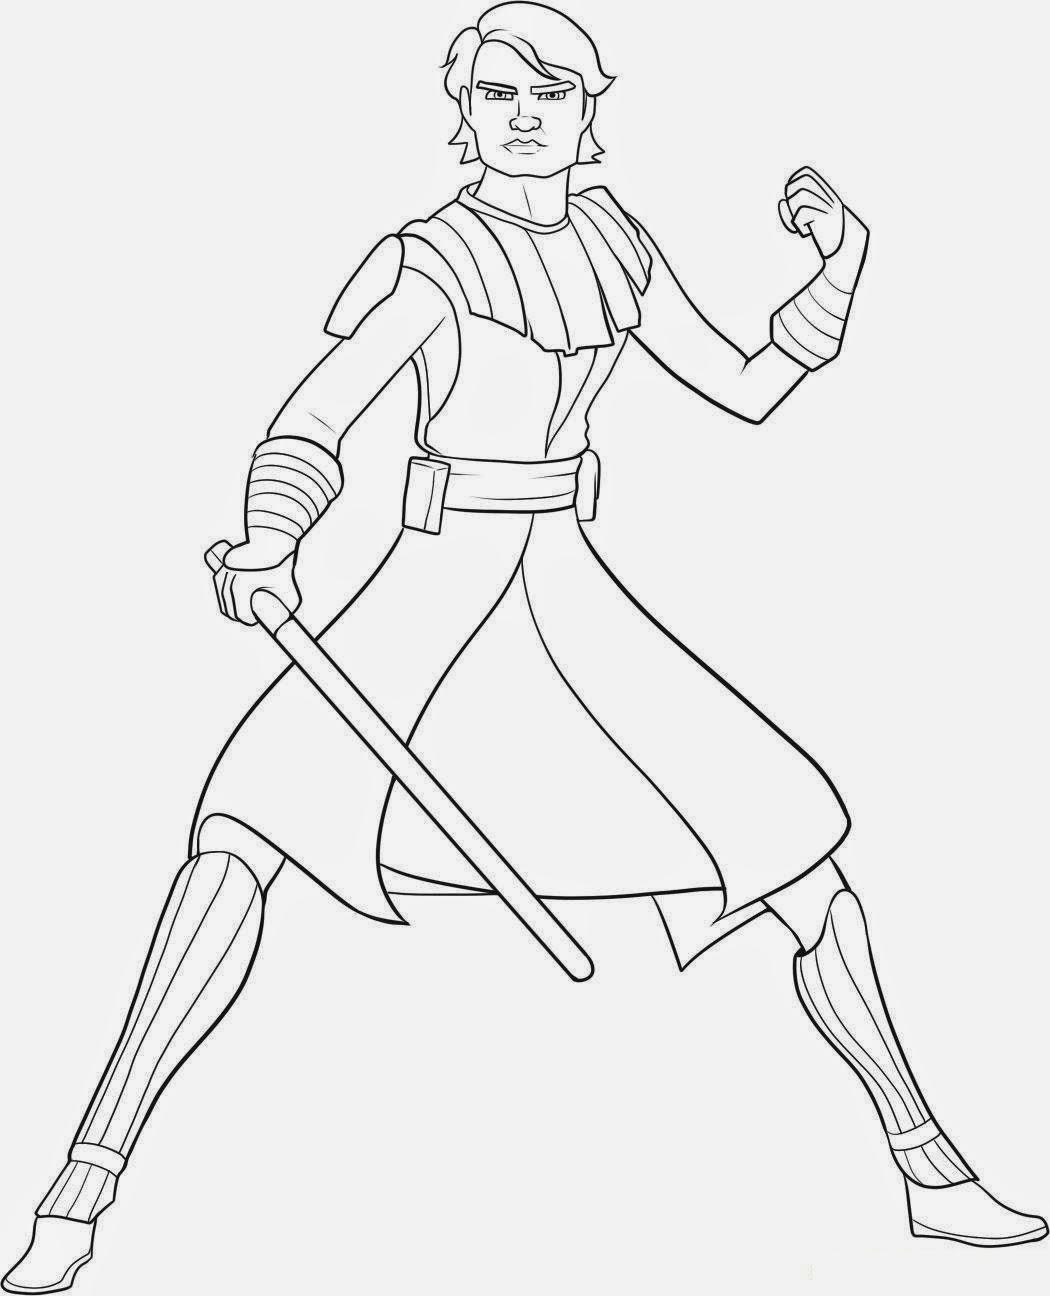 Star Wars Coloring Pages Luke Skywalker At Getdrawings Com Free